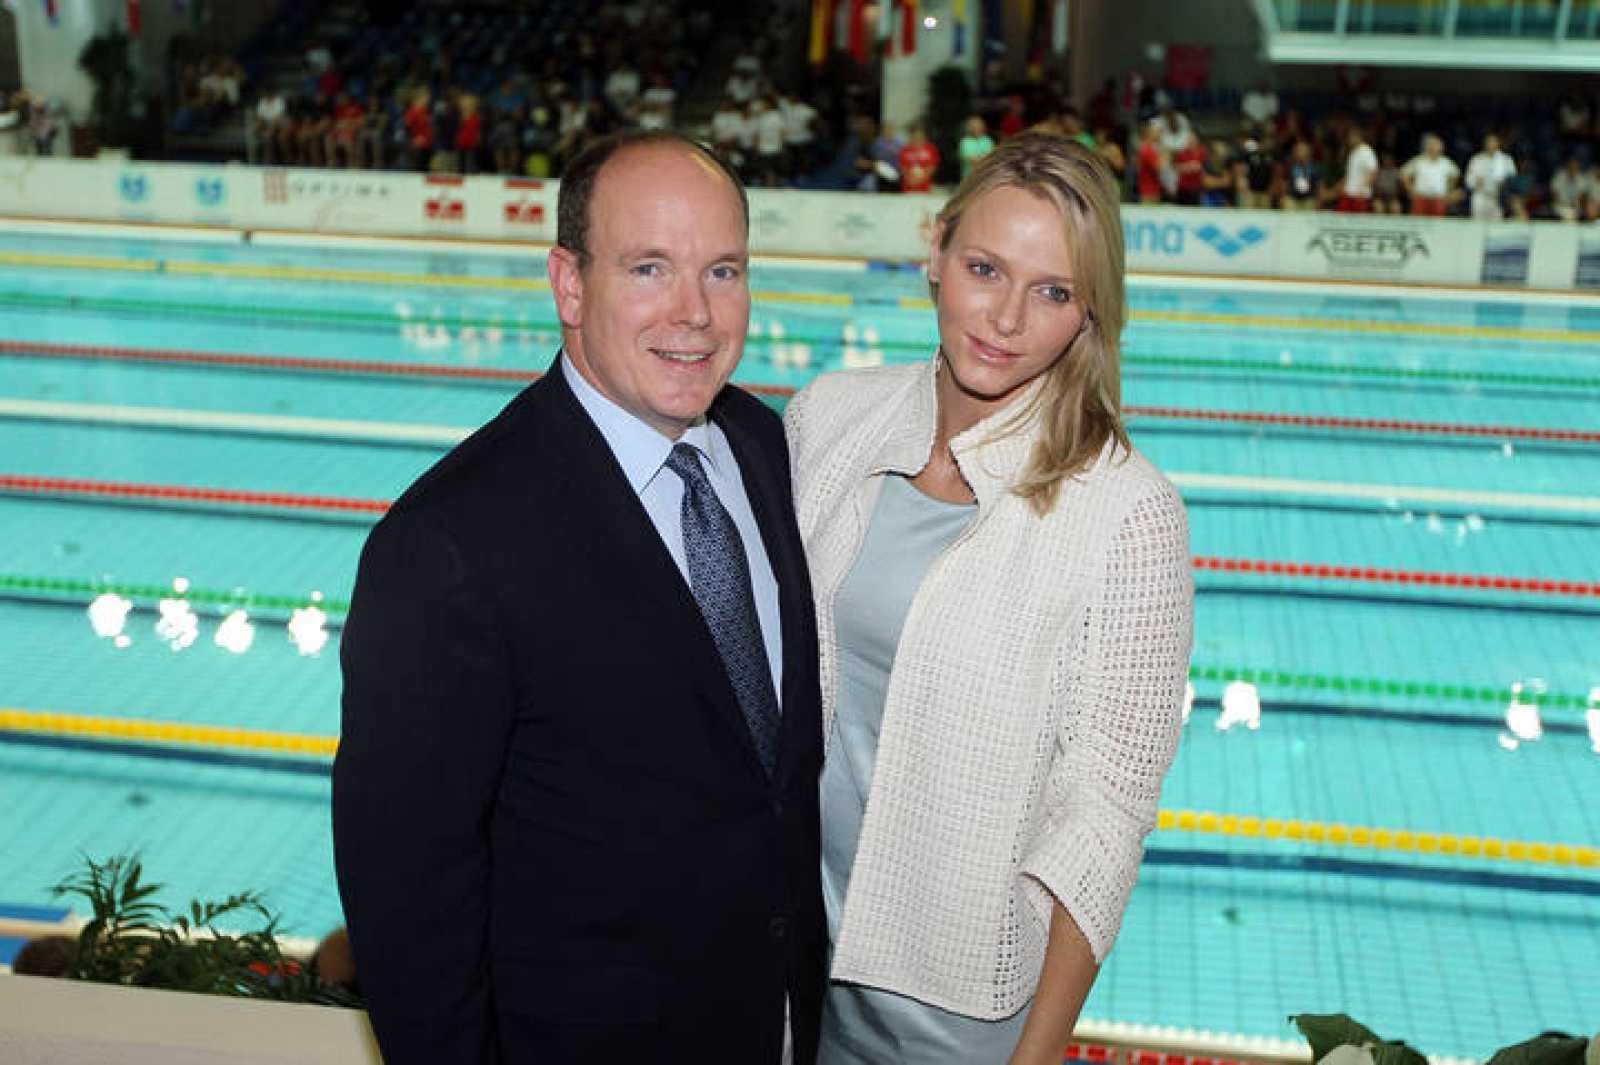 Alberto de Mónaco y Charlene Wittstock en las piscinas del Marenostrum, donde se conocieron en el año 2000.